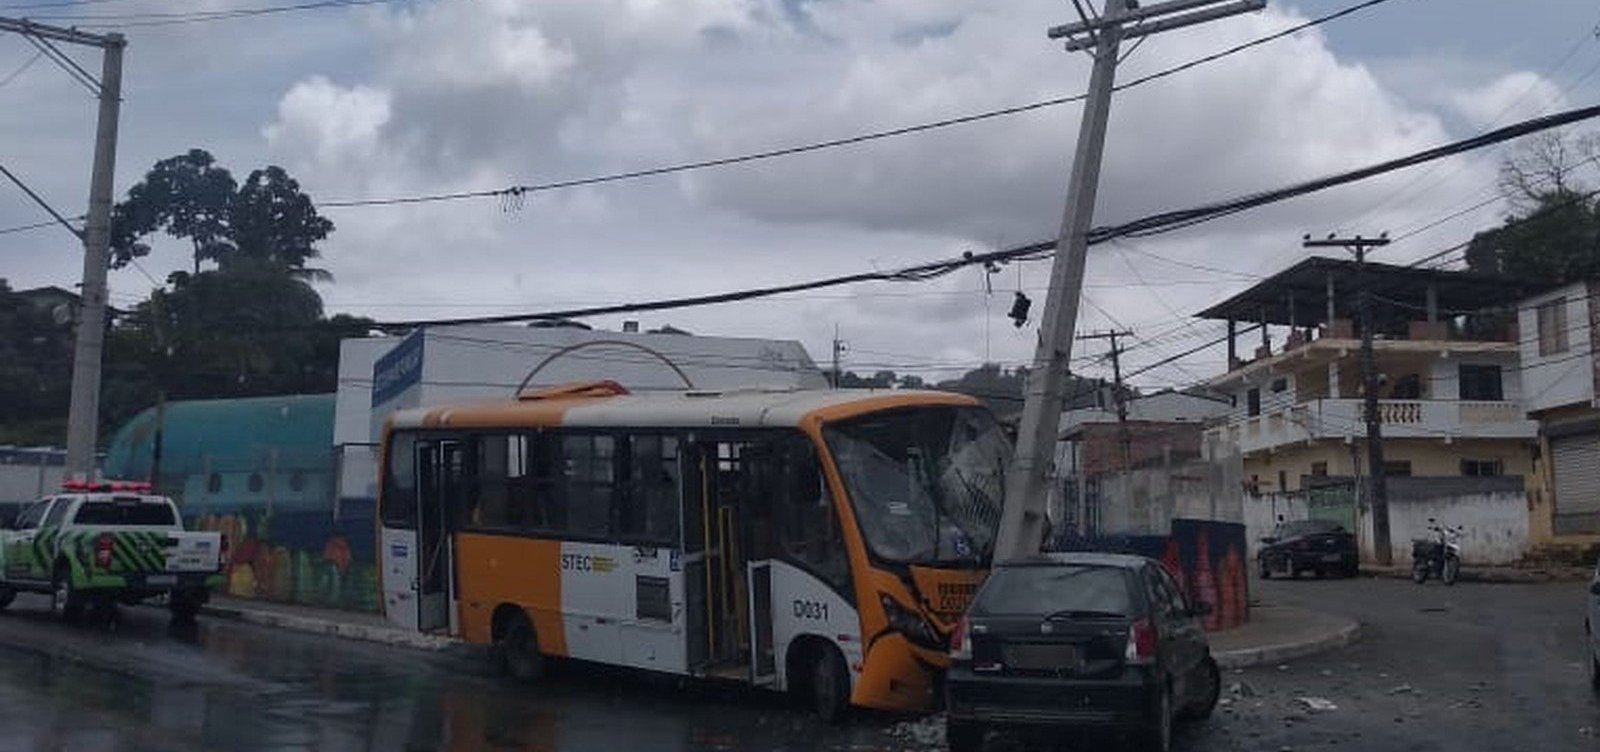 [Micro-ônibus bate em poste e em carro emSão Thomé de Paripe]